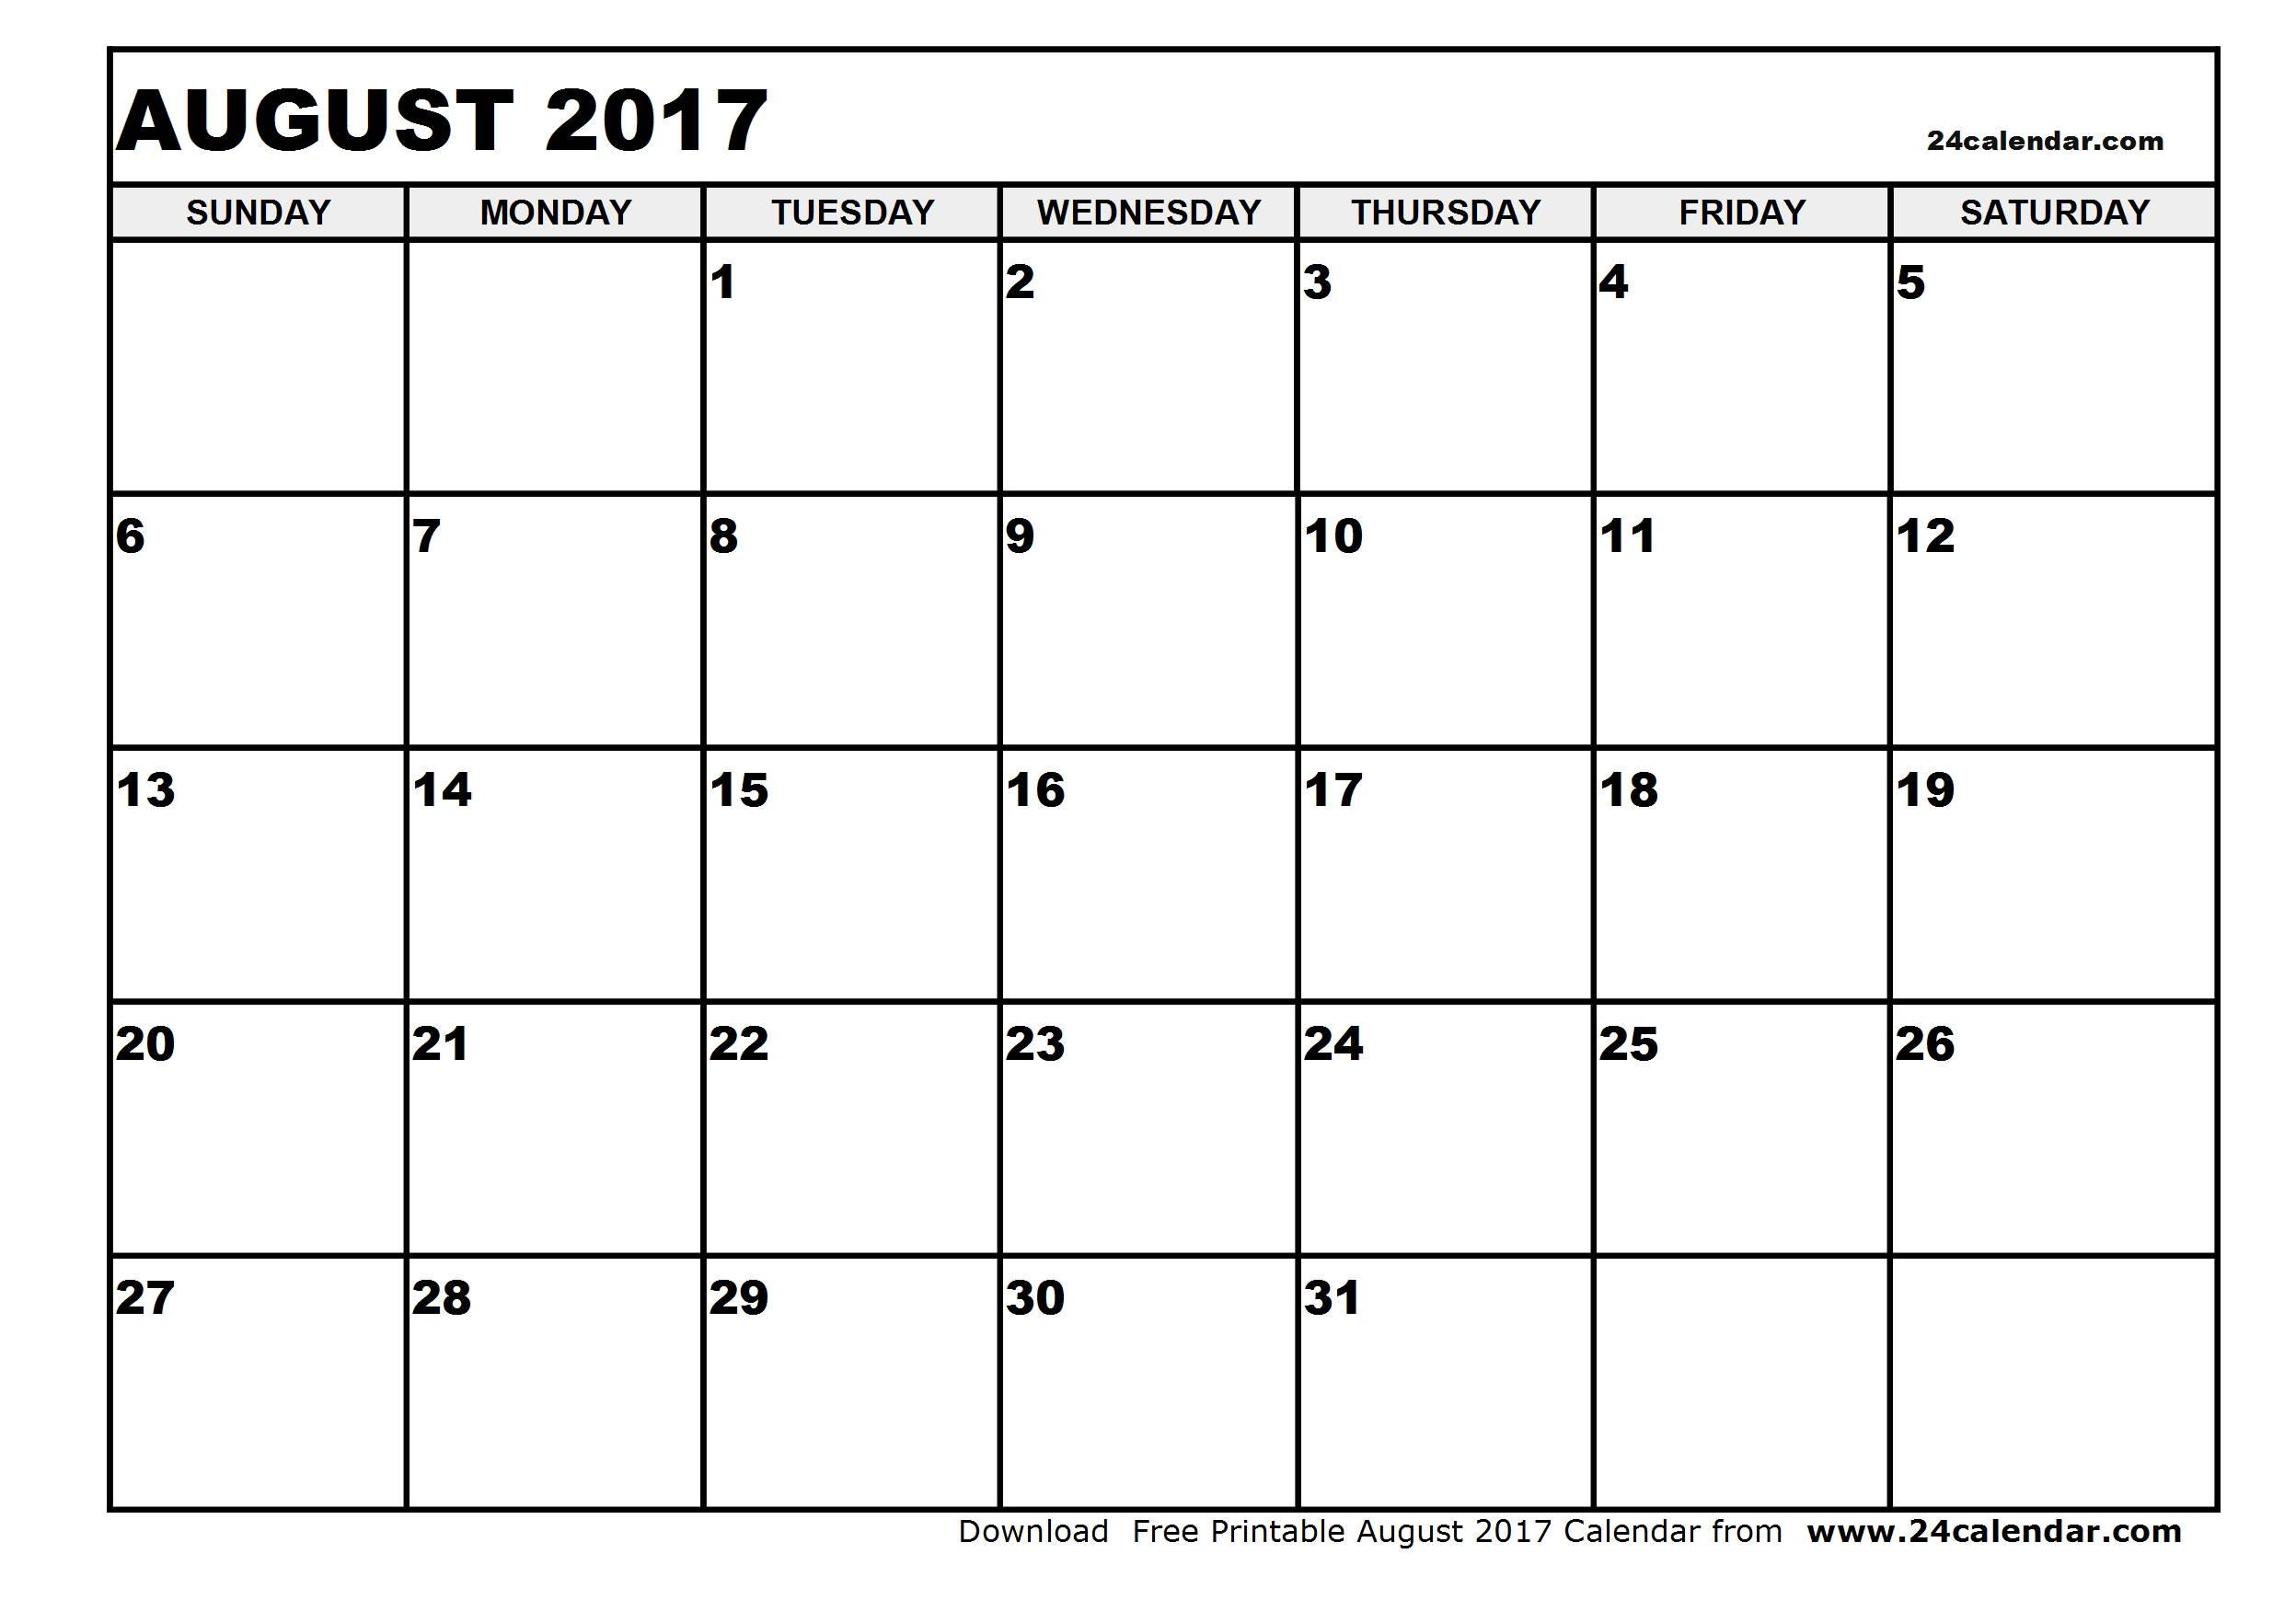 Blank August 2017 Calendar in Printable format.